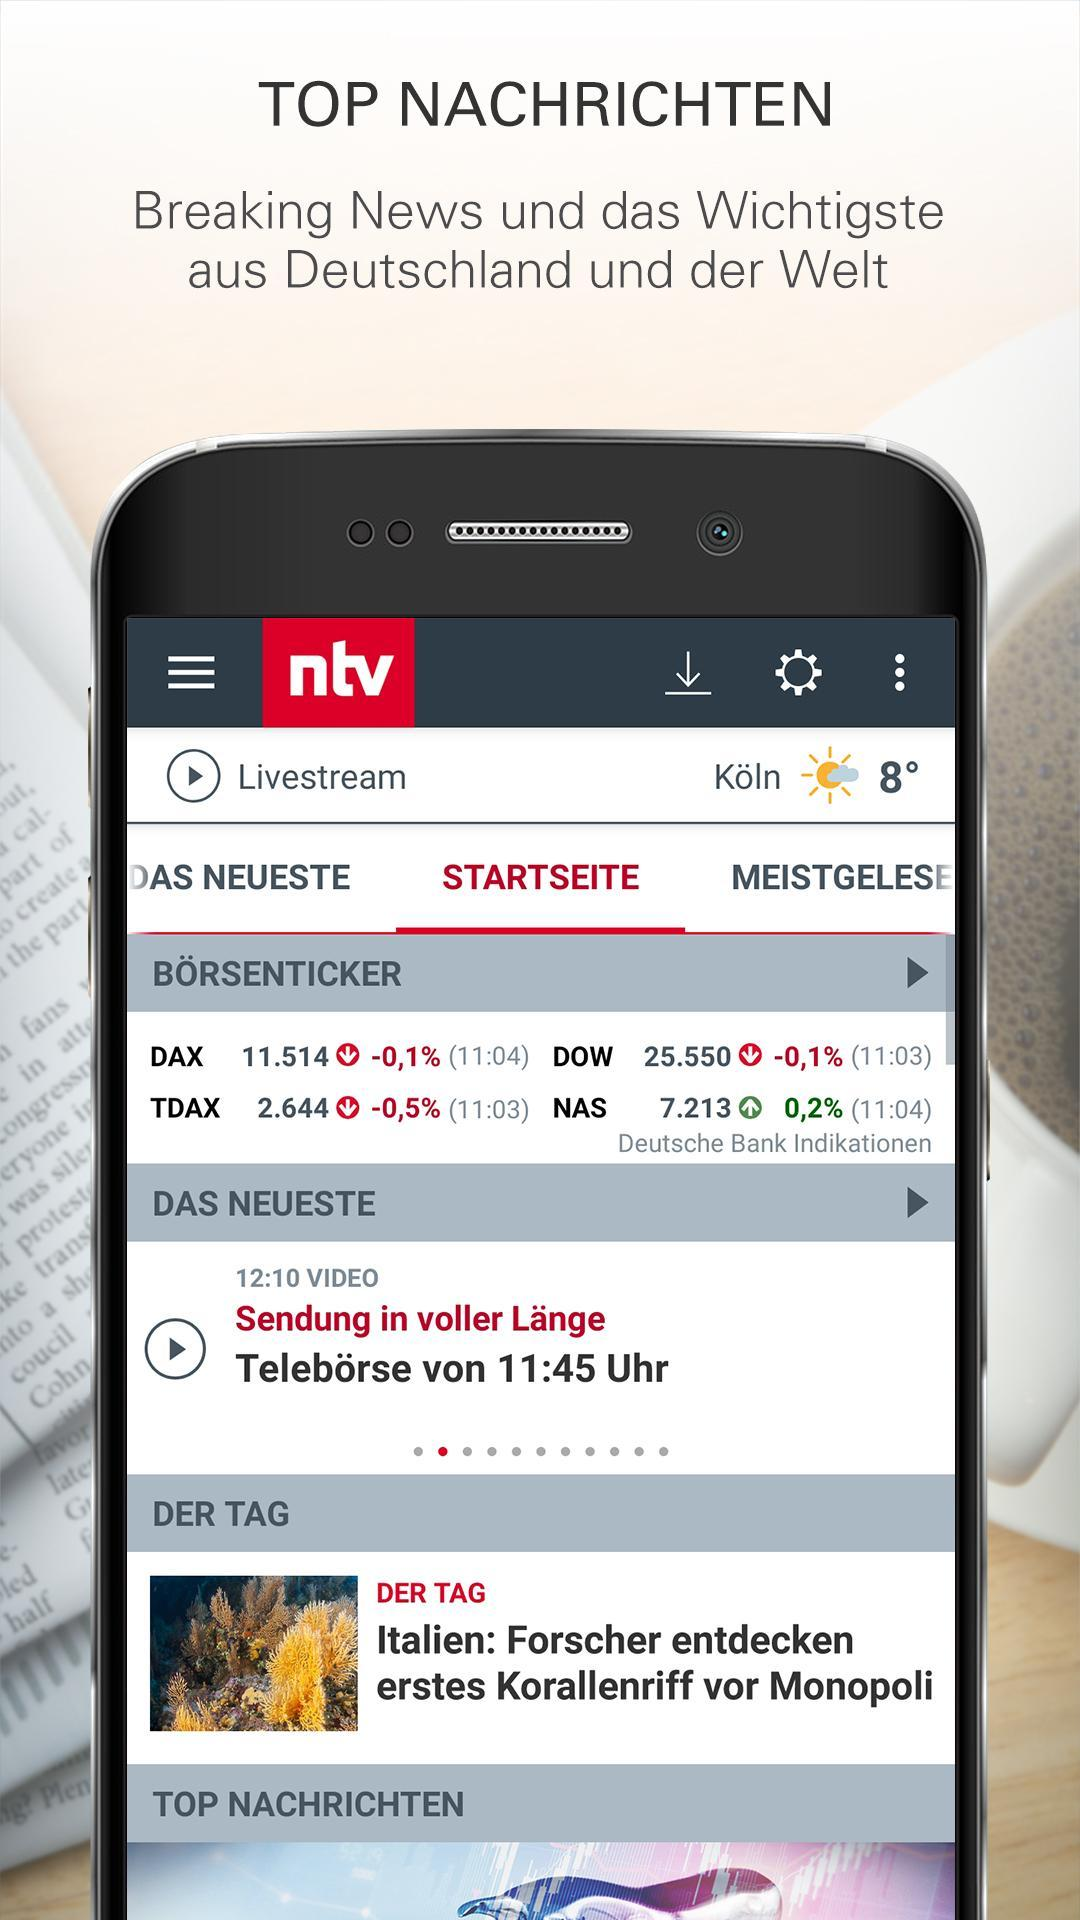 ntv Nachrichten 5.7.0.2 Screenshot 1